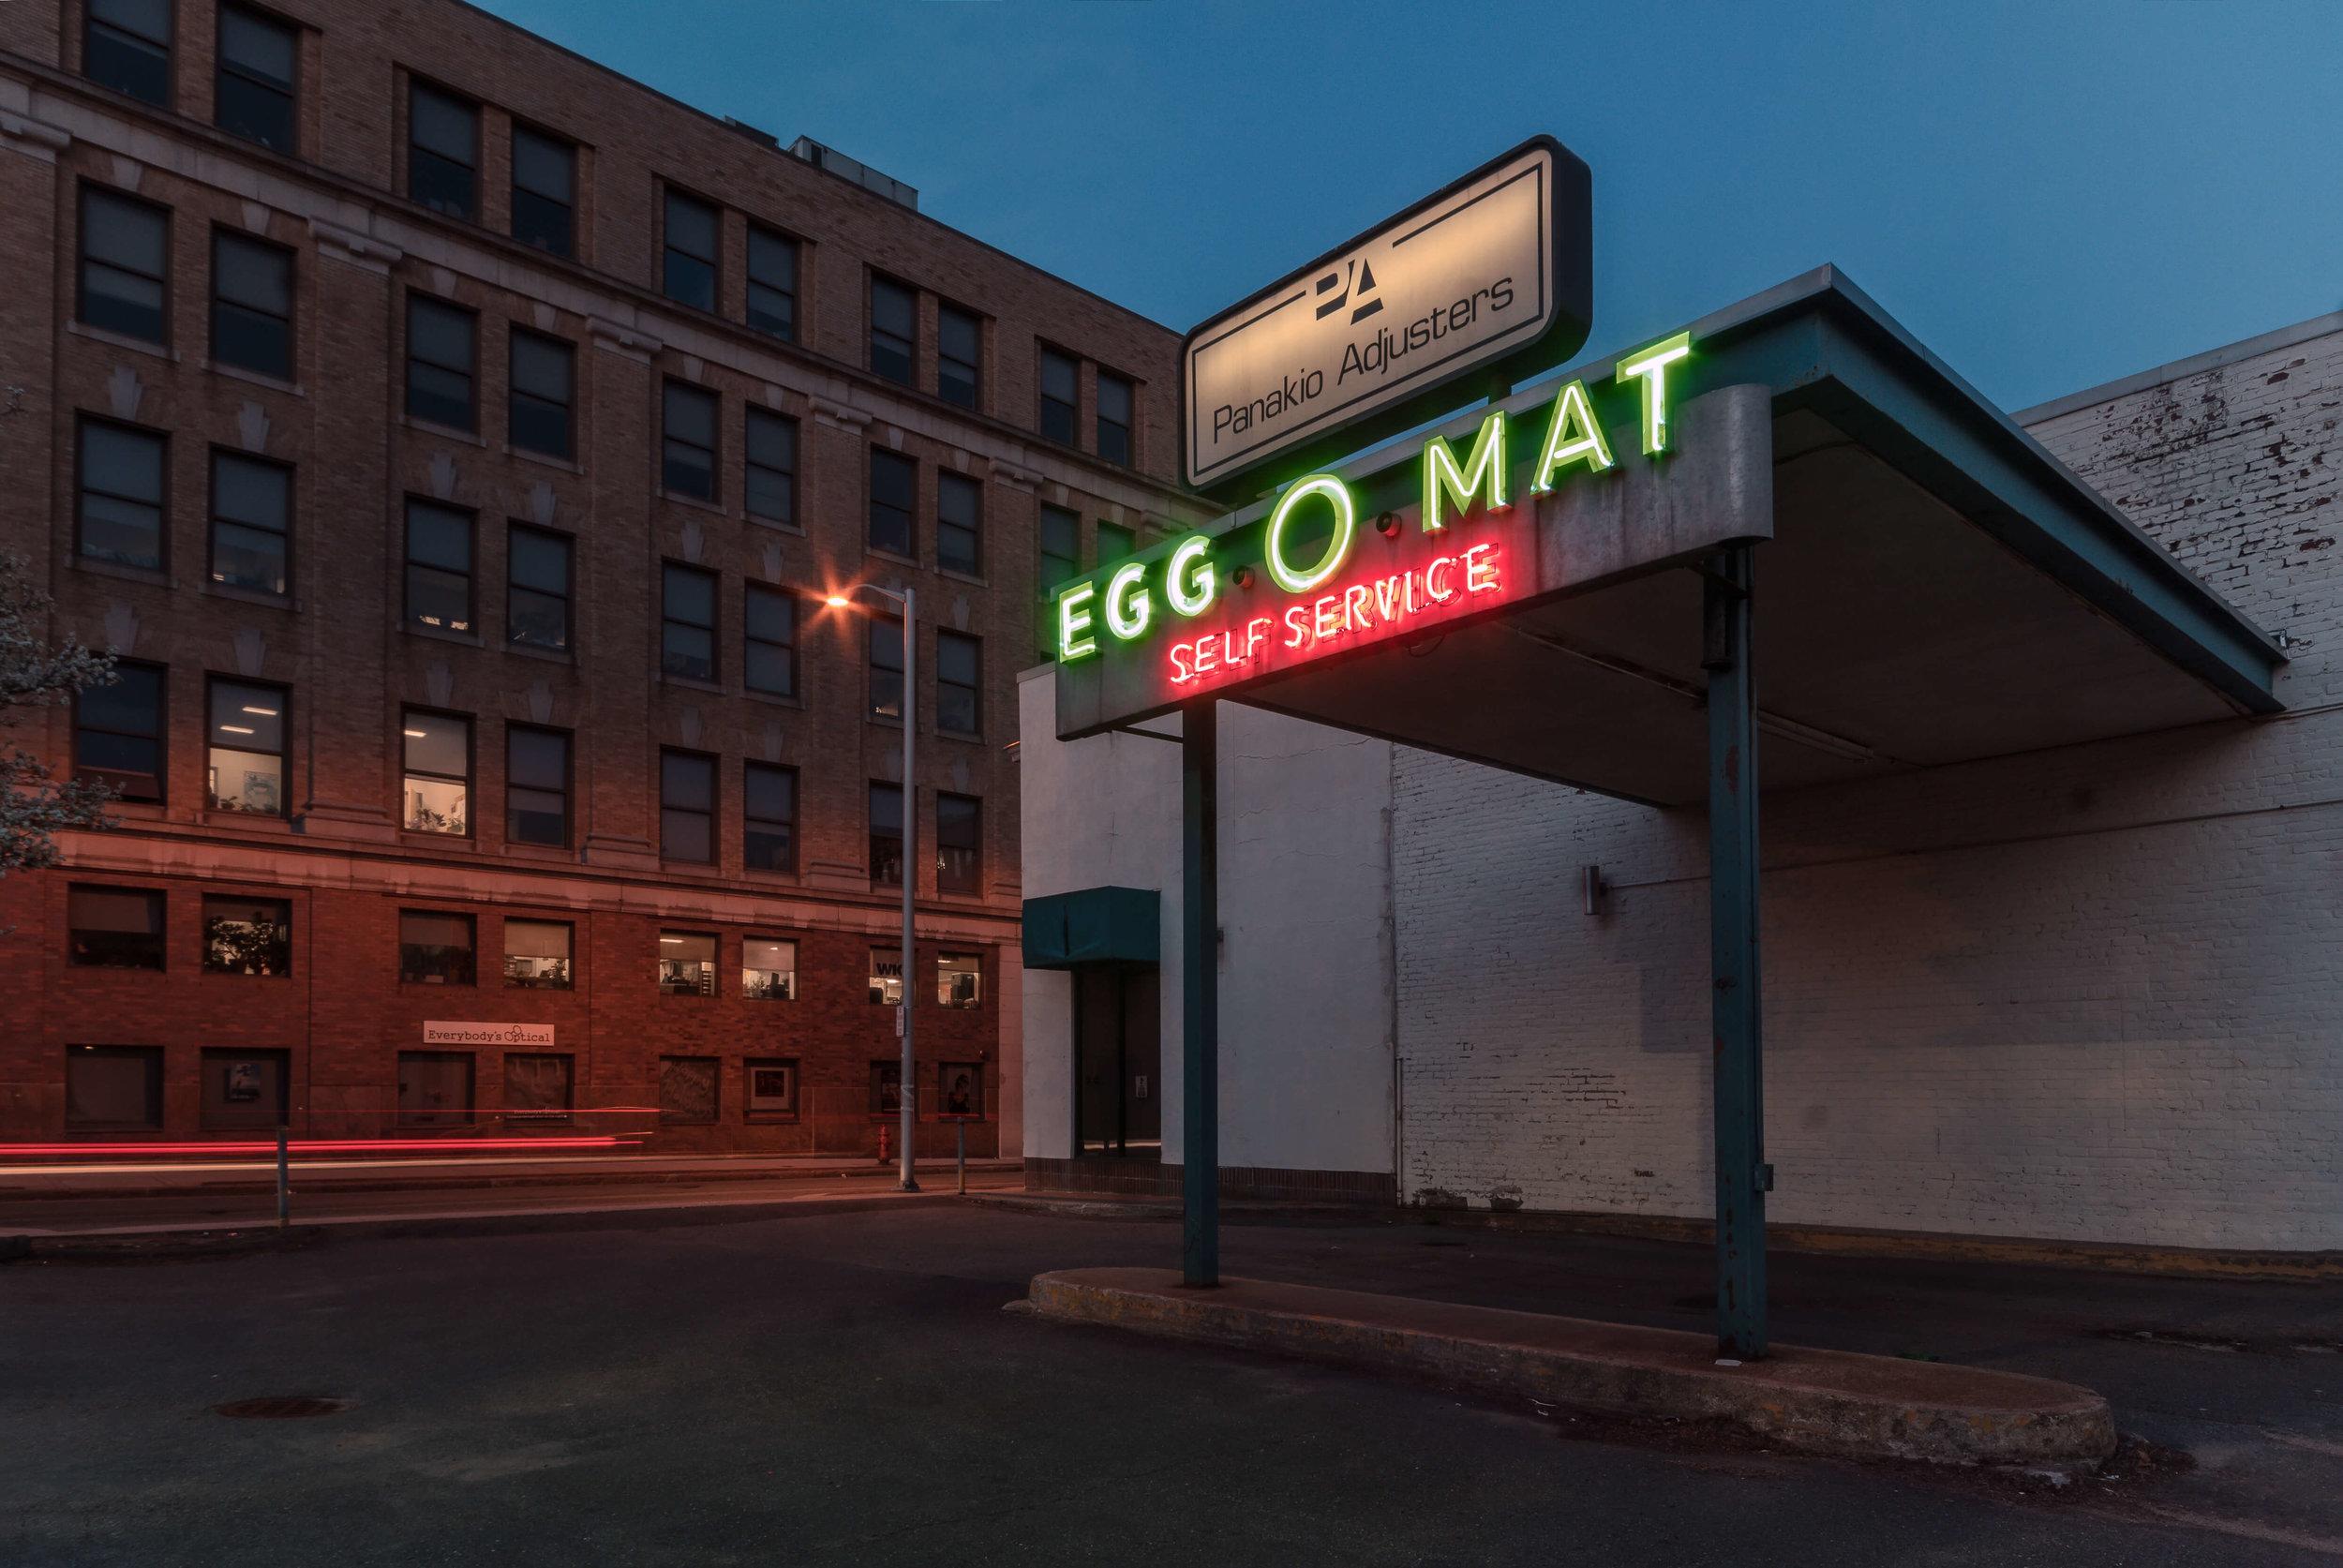 Egg O Mat 3.jpg